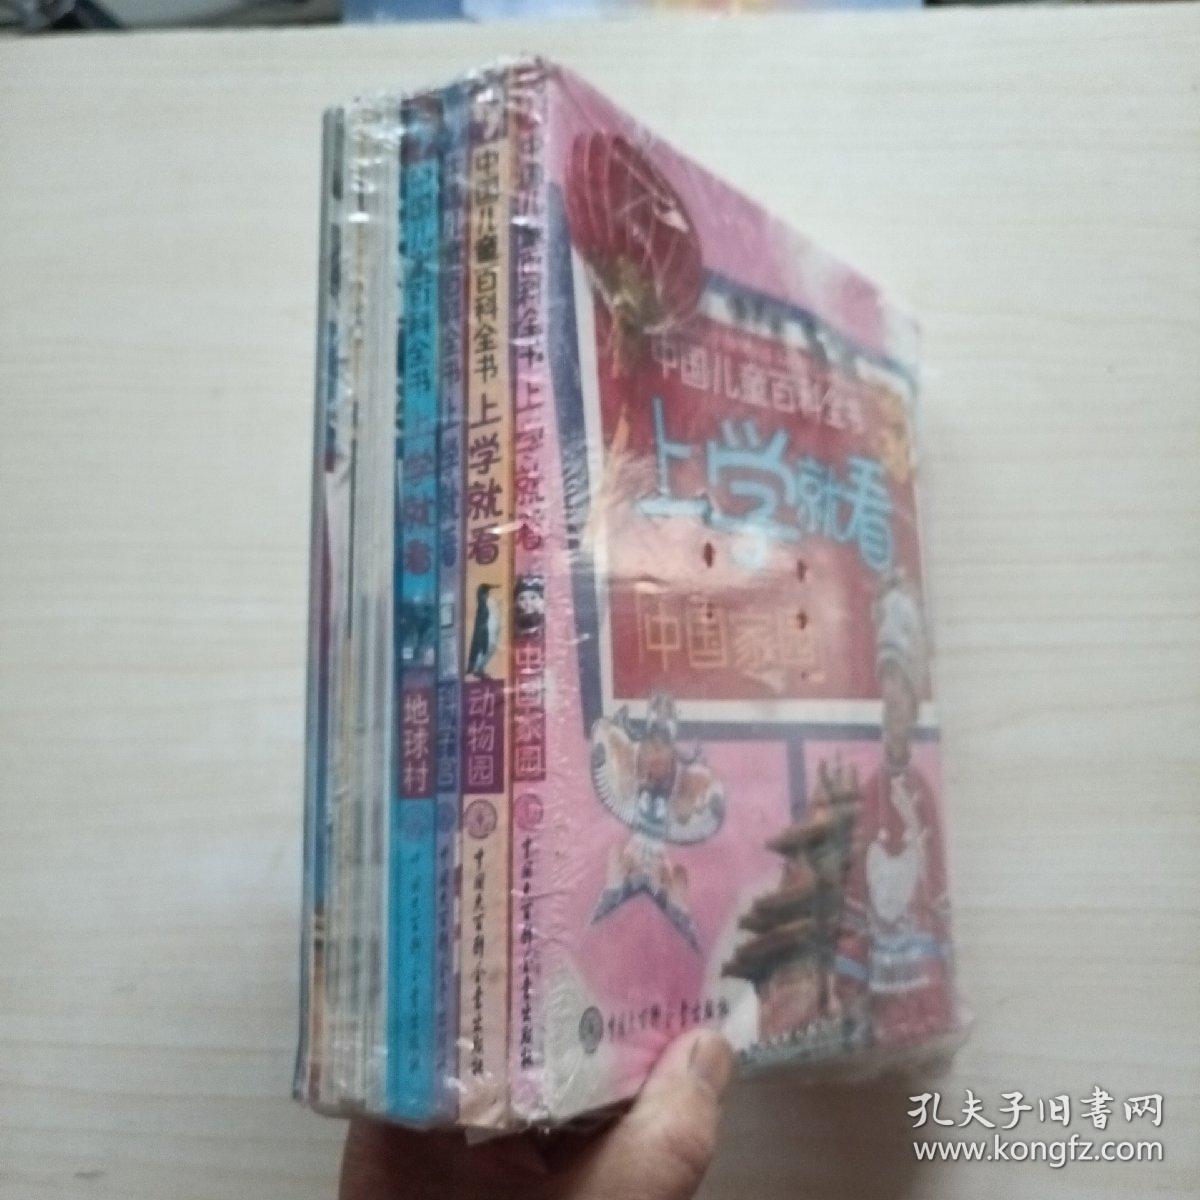 中国儿童百科全书:上学就看(全8册)